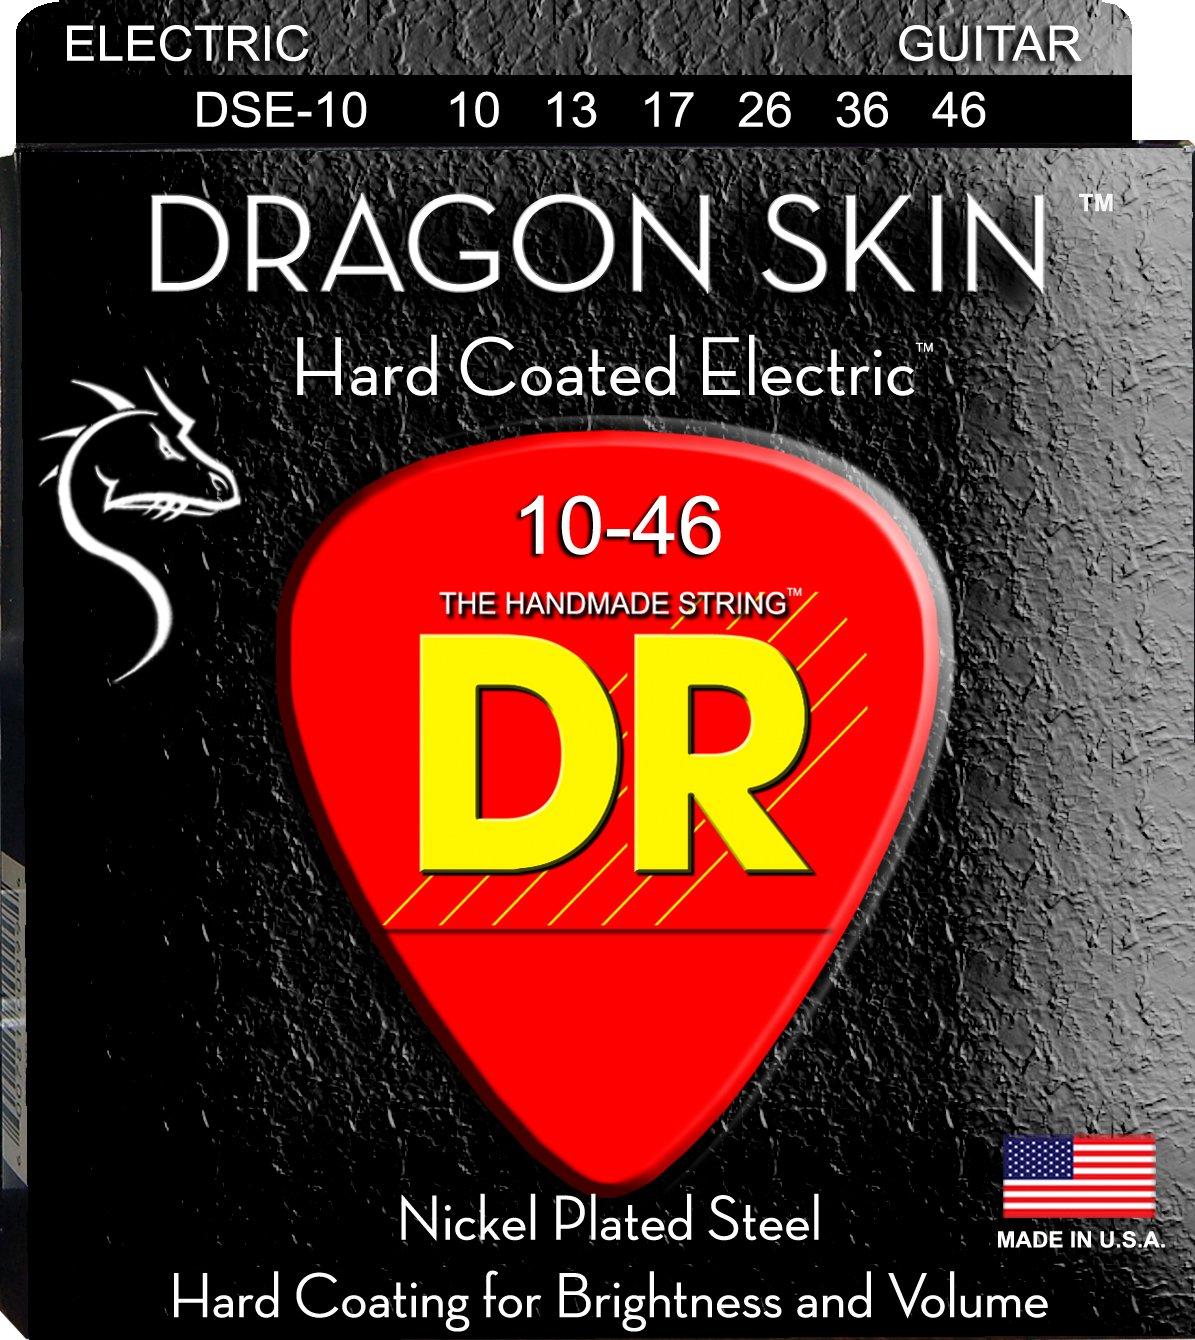 DR Dragon Skin Electric 10-46Med